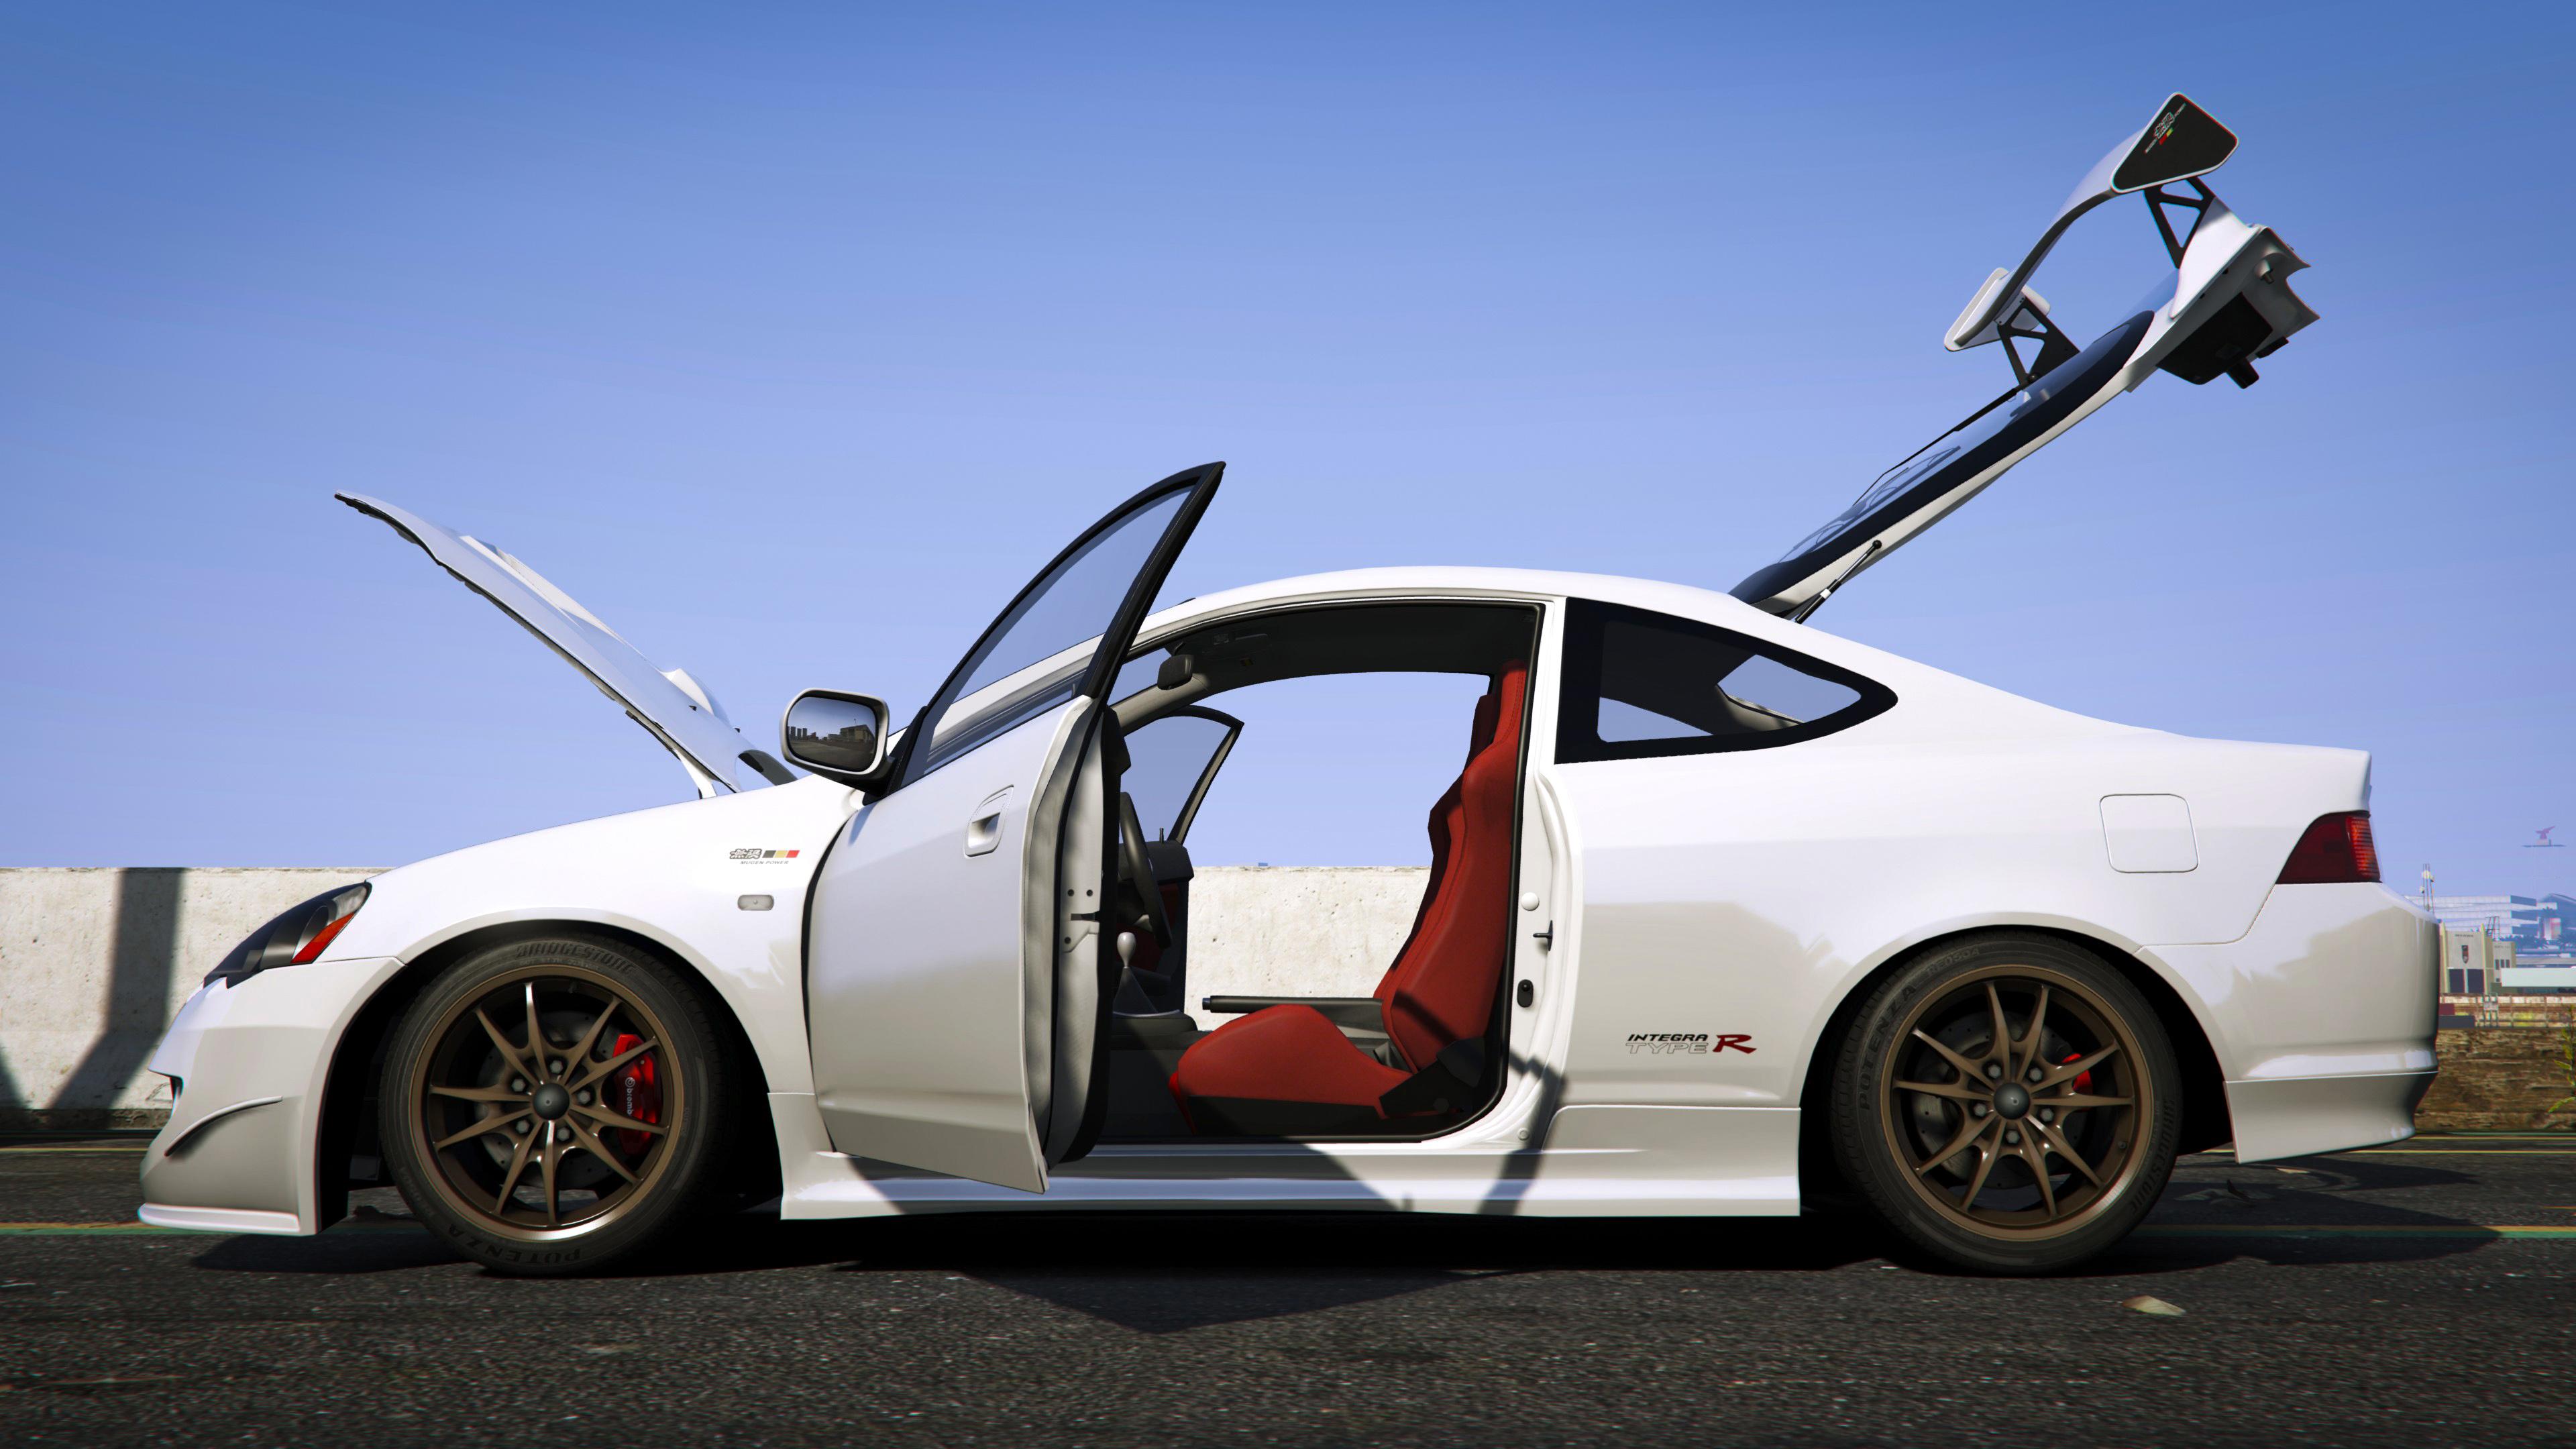 Honda Integra Type R Dc5 J S Racing Mugen Ings 1 Add